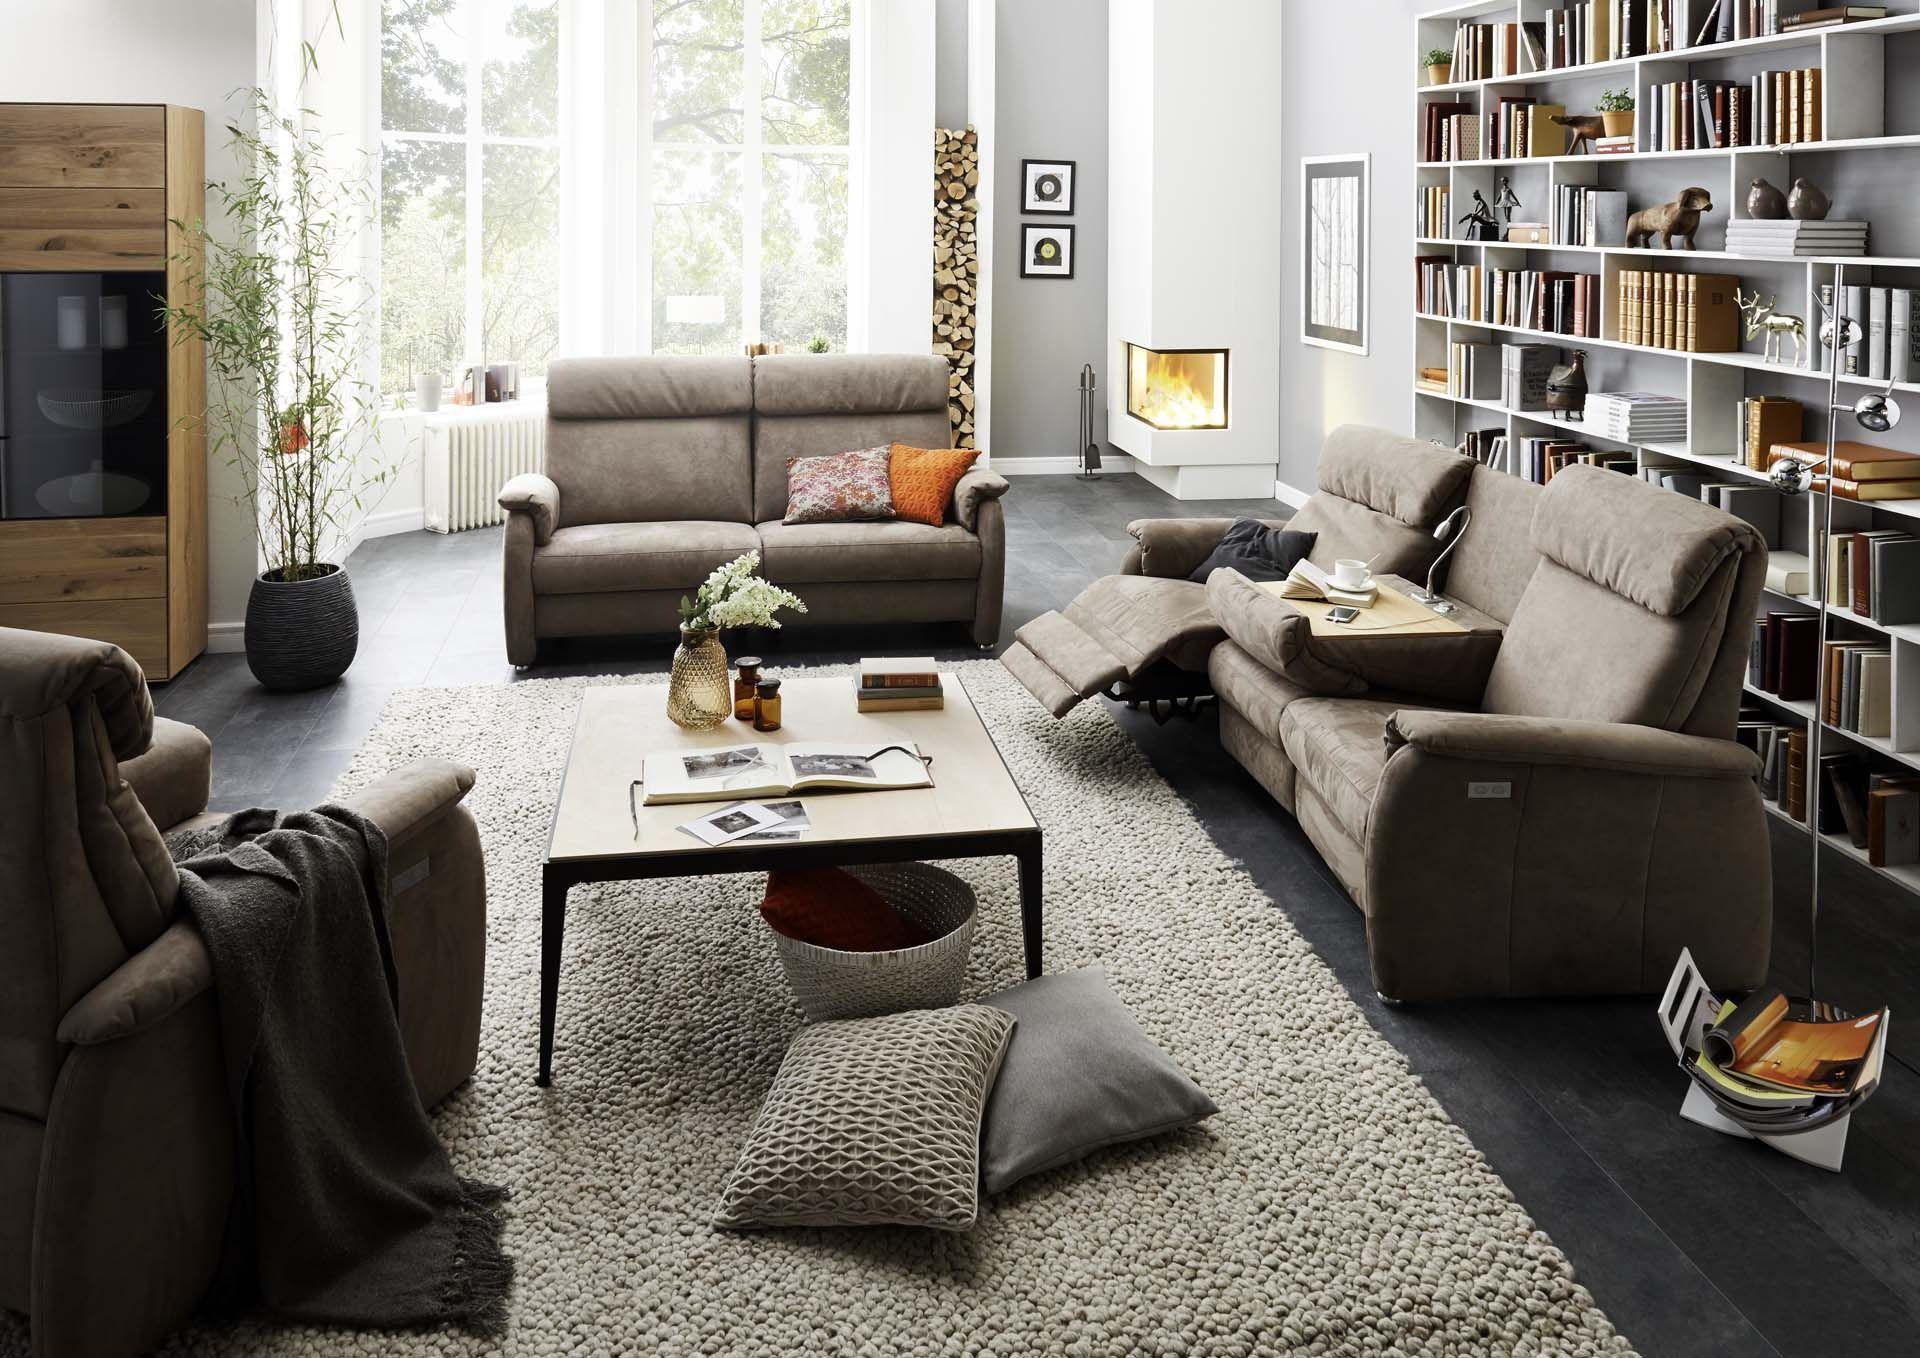 Mit dieser #Garnitur steht nichts im #Wege, den #Feierabend zu genießen. #Wohnzimmer #Garnitur #Polstermöbel